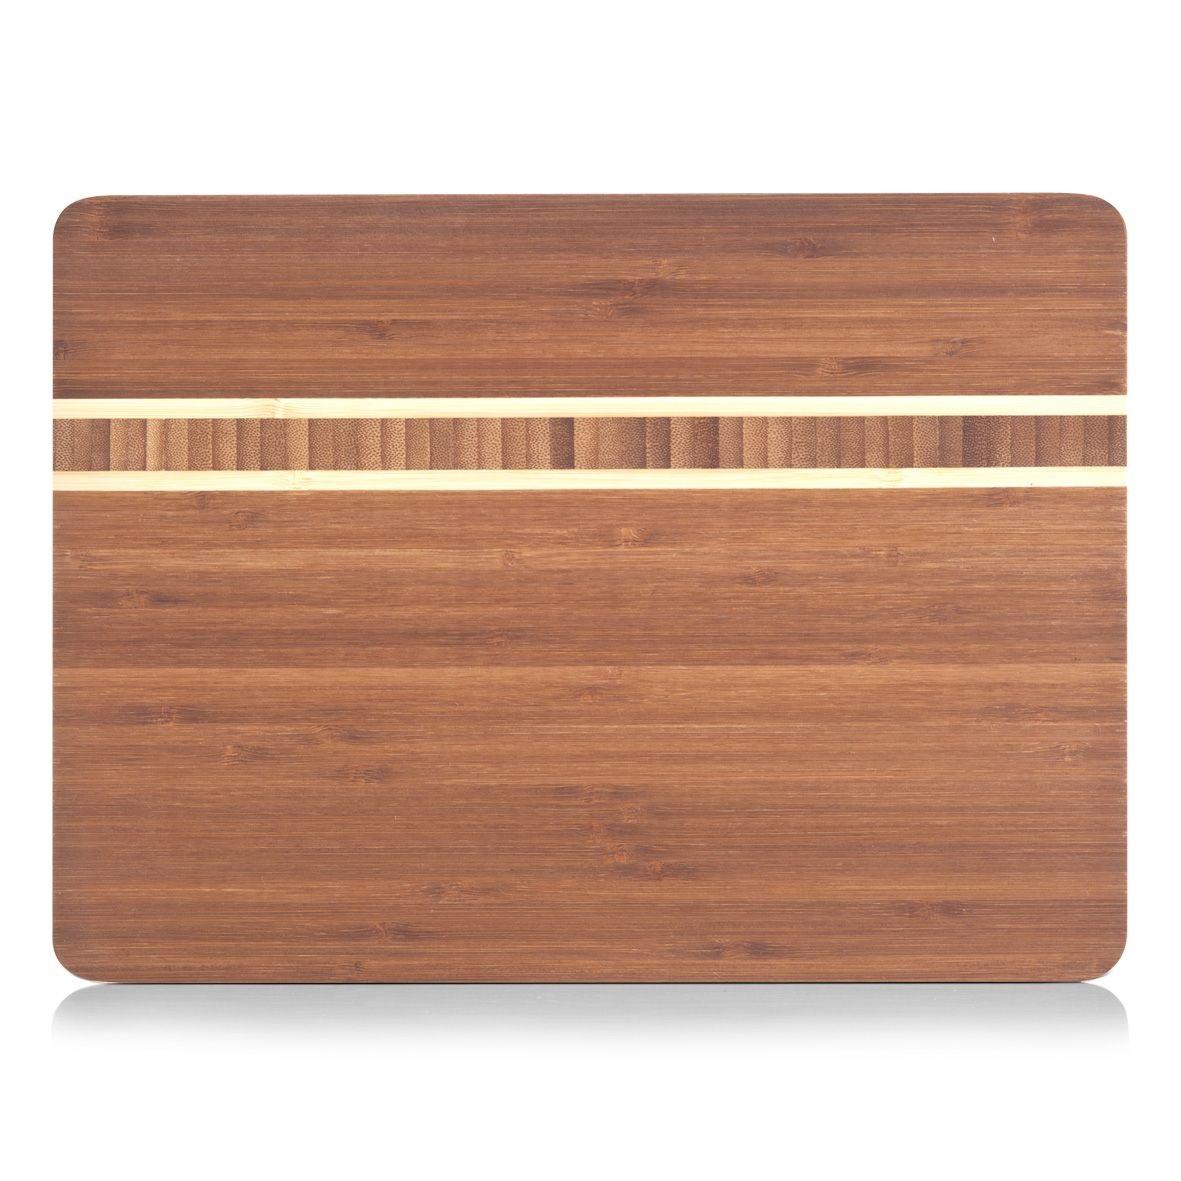 Доска разделочная 34х25х1,6 см. бамбук  25236Доска изготовлена их бамбука с вставками из светлого бамбука, что идеально подойдет к любому интерьеру. Бамбук-инновационный материя,идеально подходит для изготовления досок..Доски из бамбука обладают высокой плотностью структуры древесины, а также устойчивы к механическим воздействиям.<br>